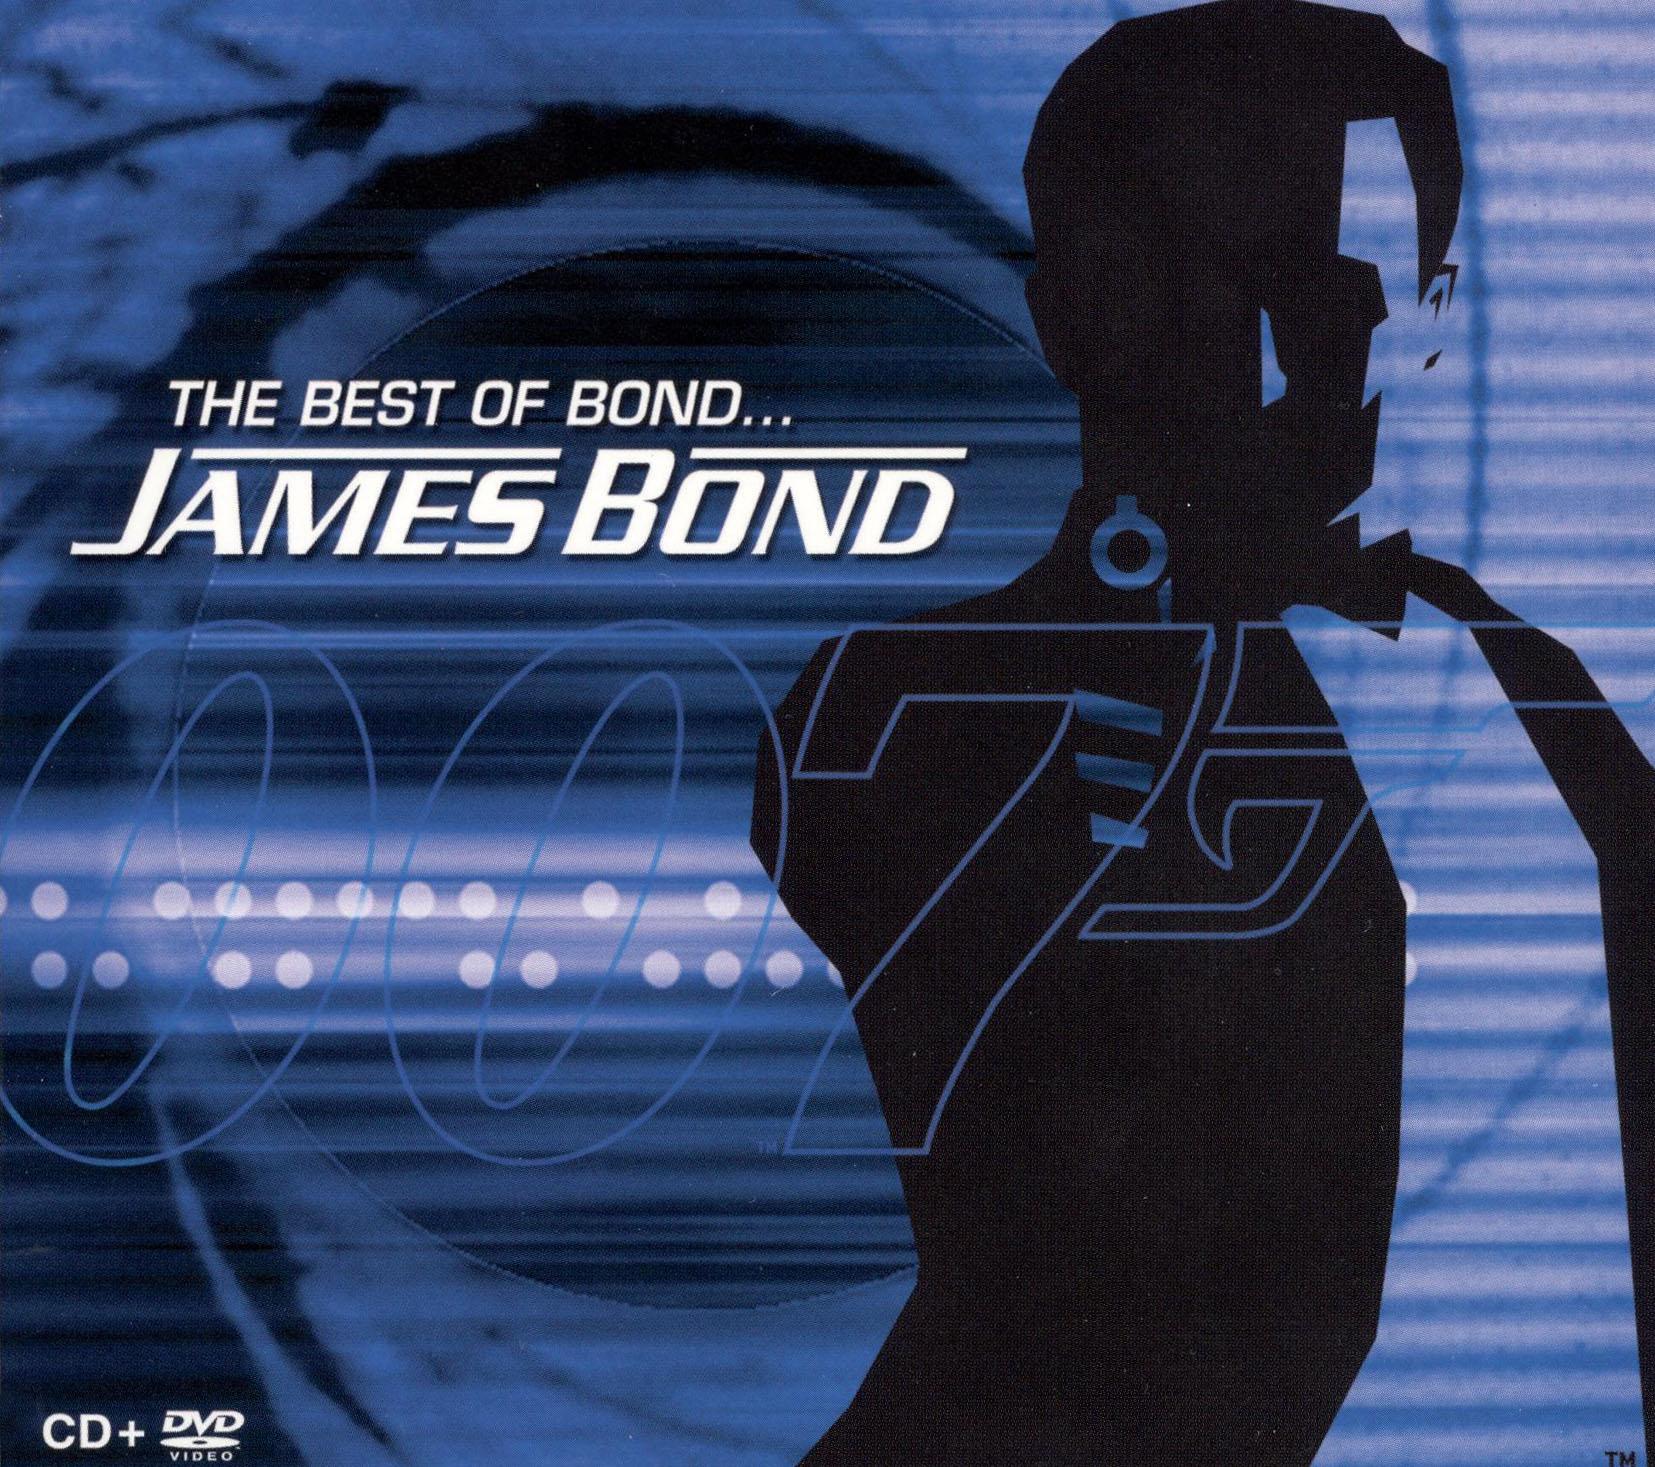 James Bond [Film Series]